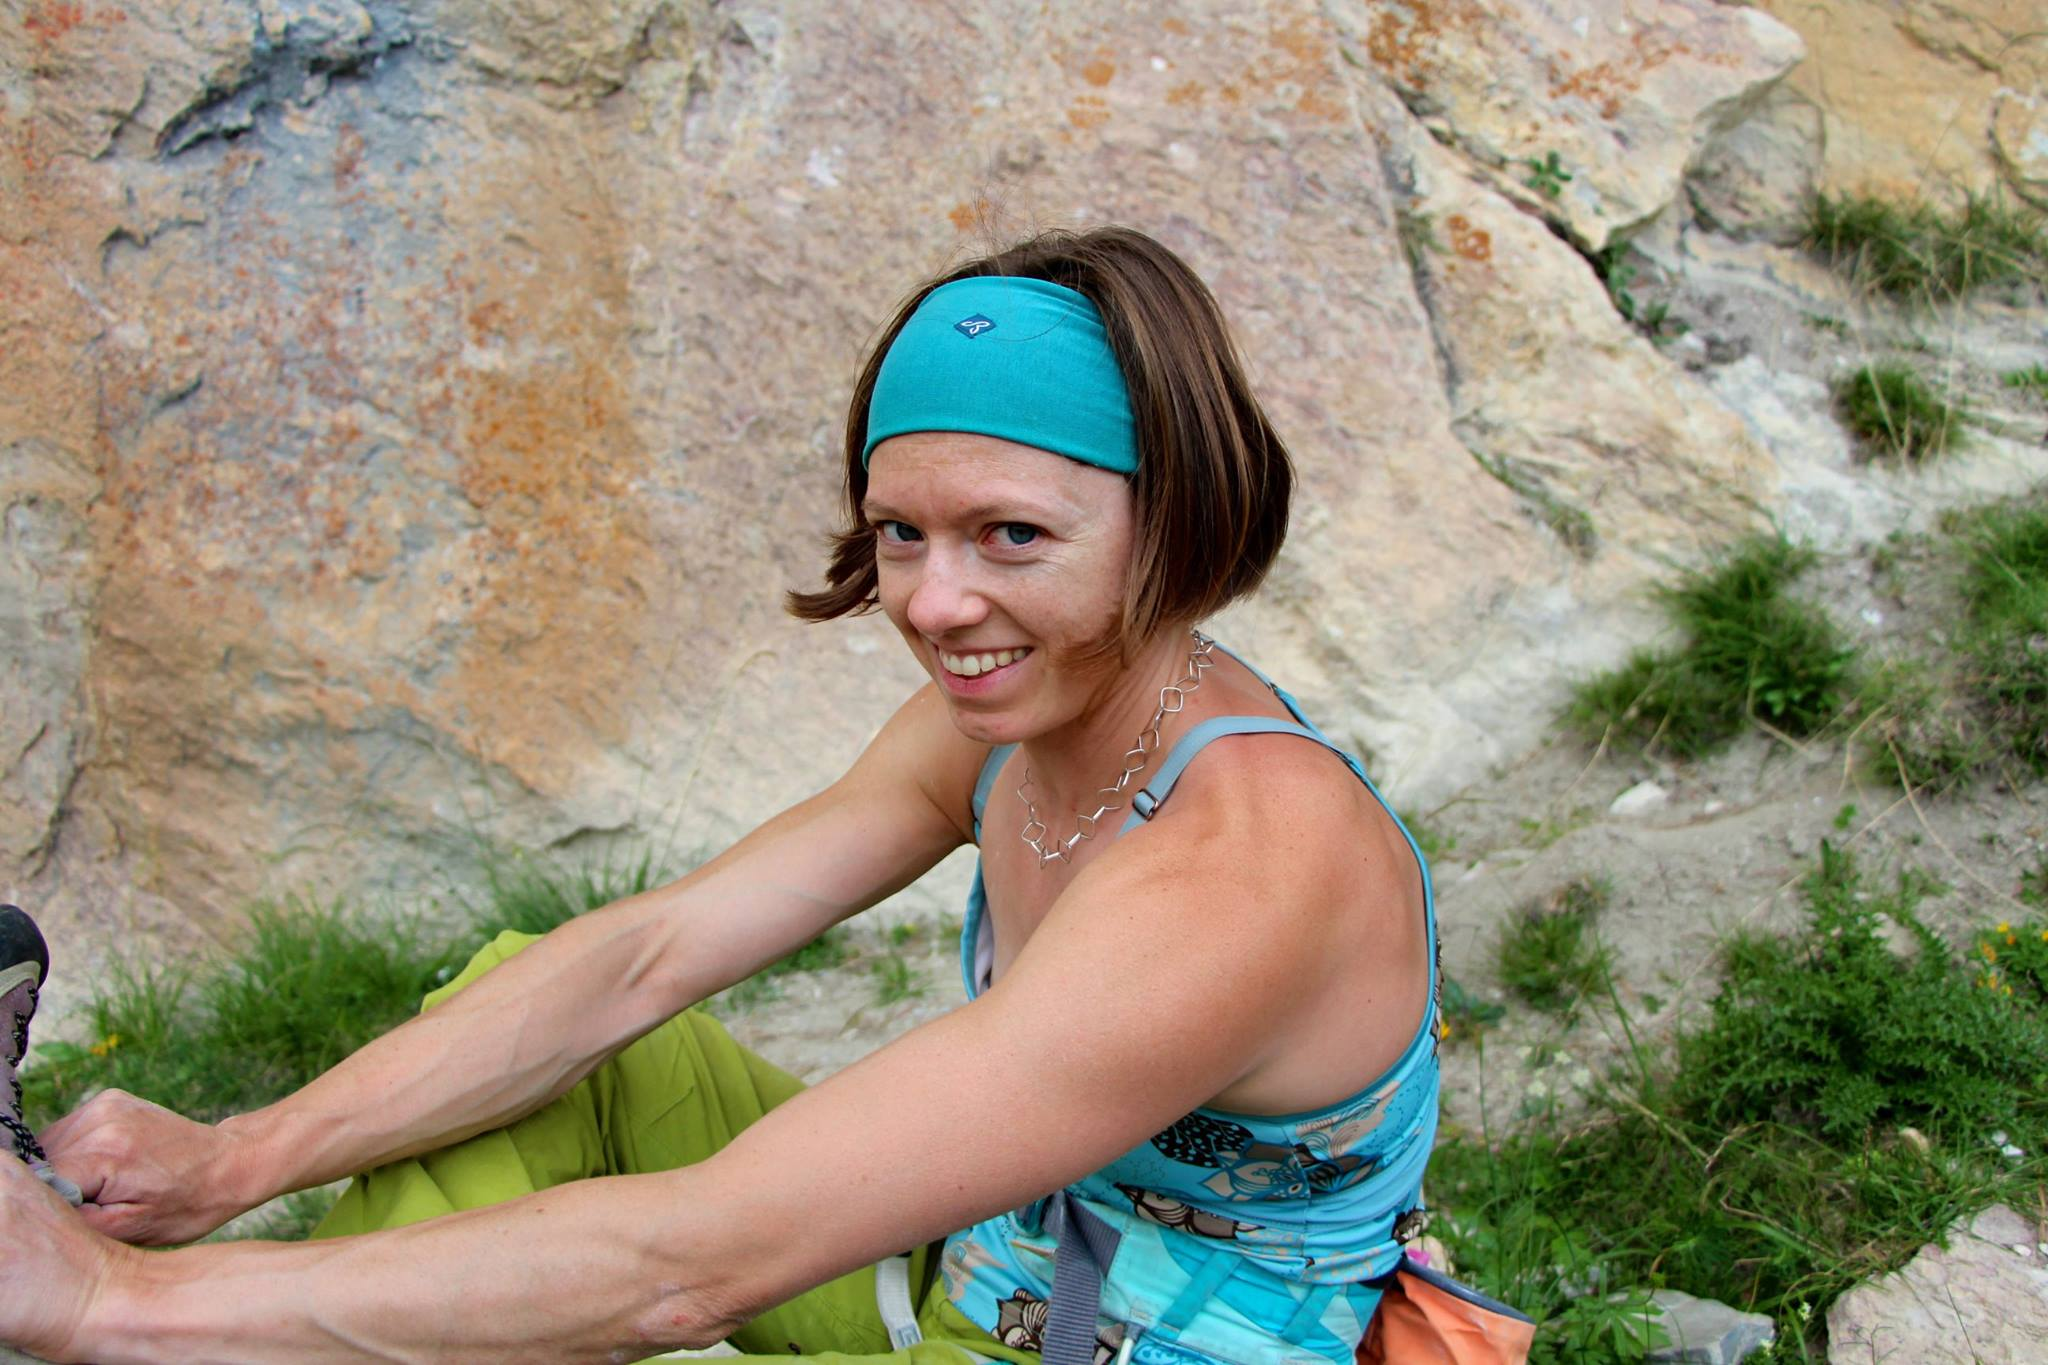 femmes-montagne-athlète-encadrement-stages-féminins-formation-guide-escalade-cascade-de-glace-cours